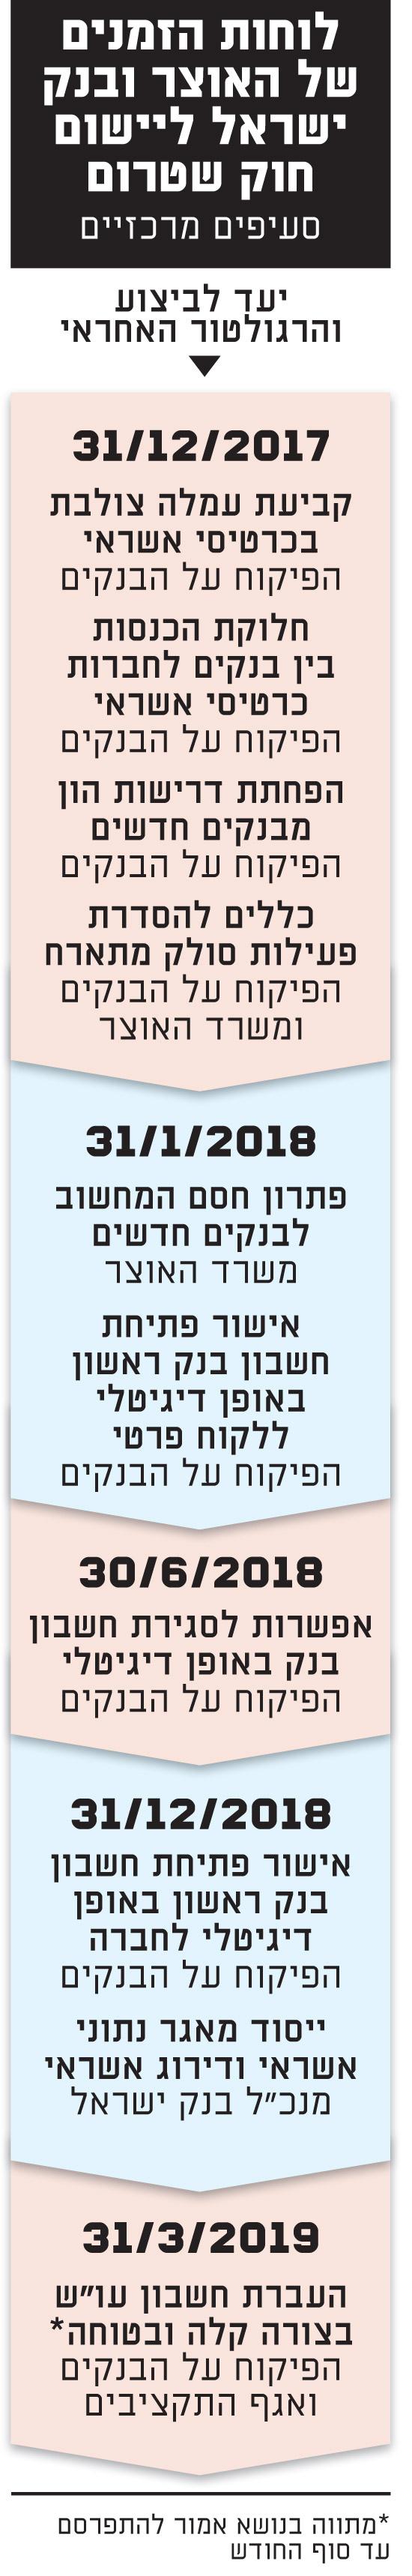 לוחות הזמנים של האוצר ובנק ישראל ליישום חוק שטרום